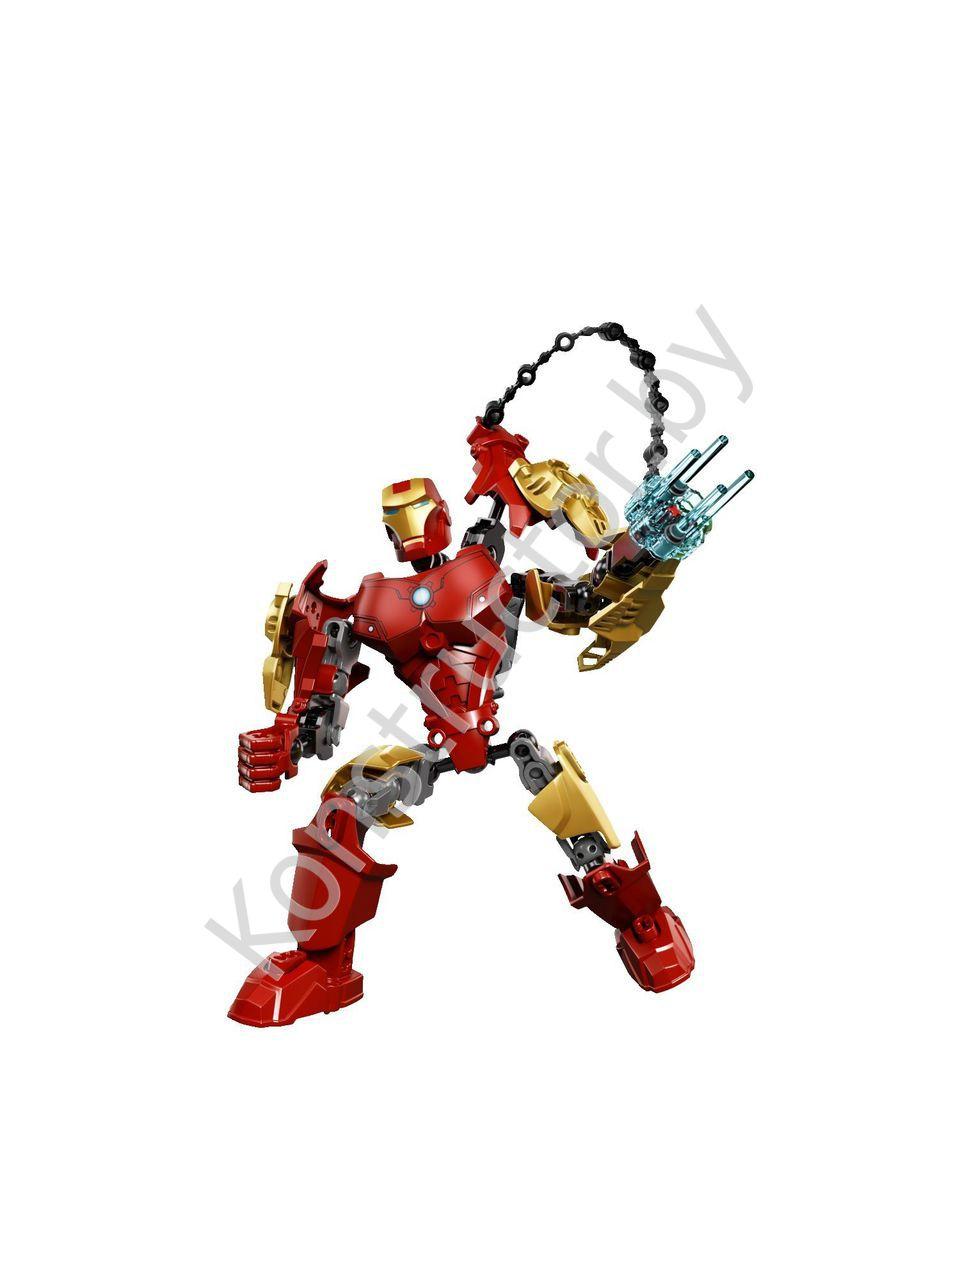 Heroes супергерои 4529 avengers iron man железный